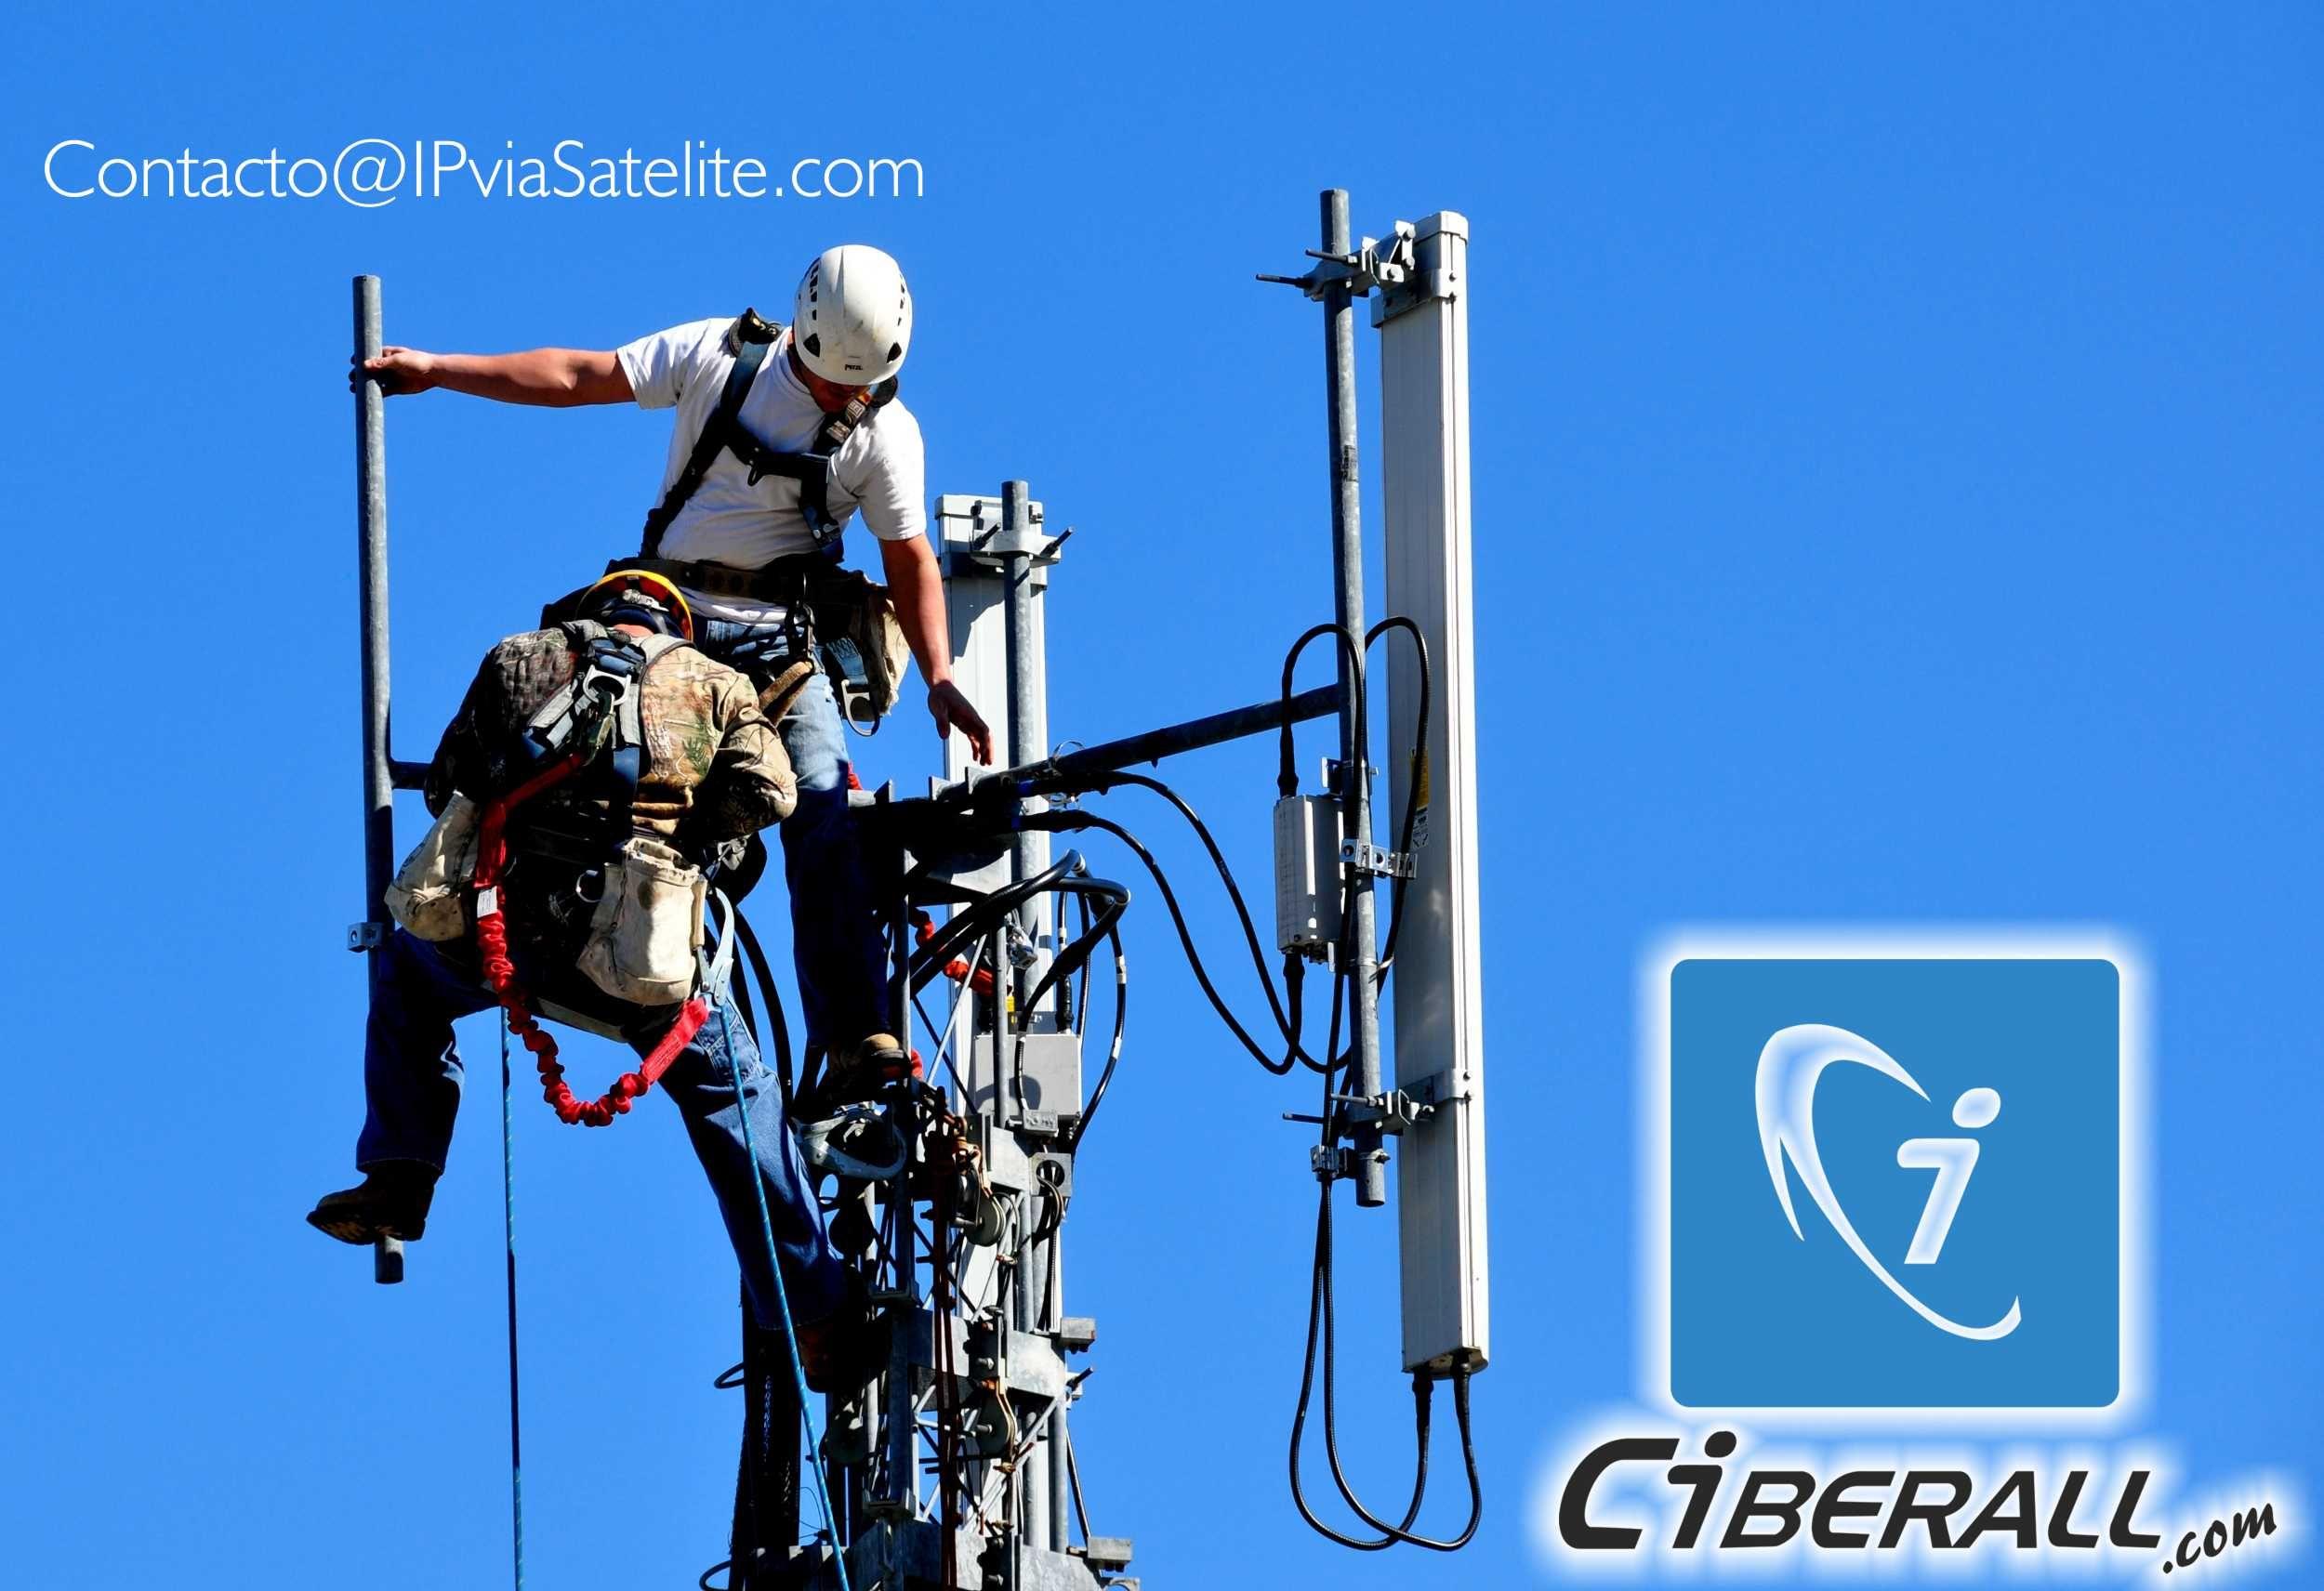 Ciberall expertos en Telecomunicaciones